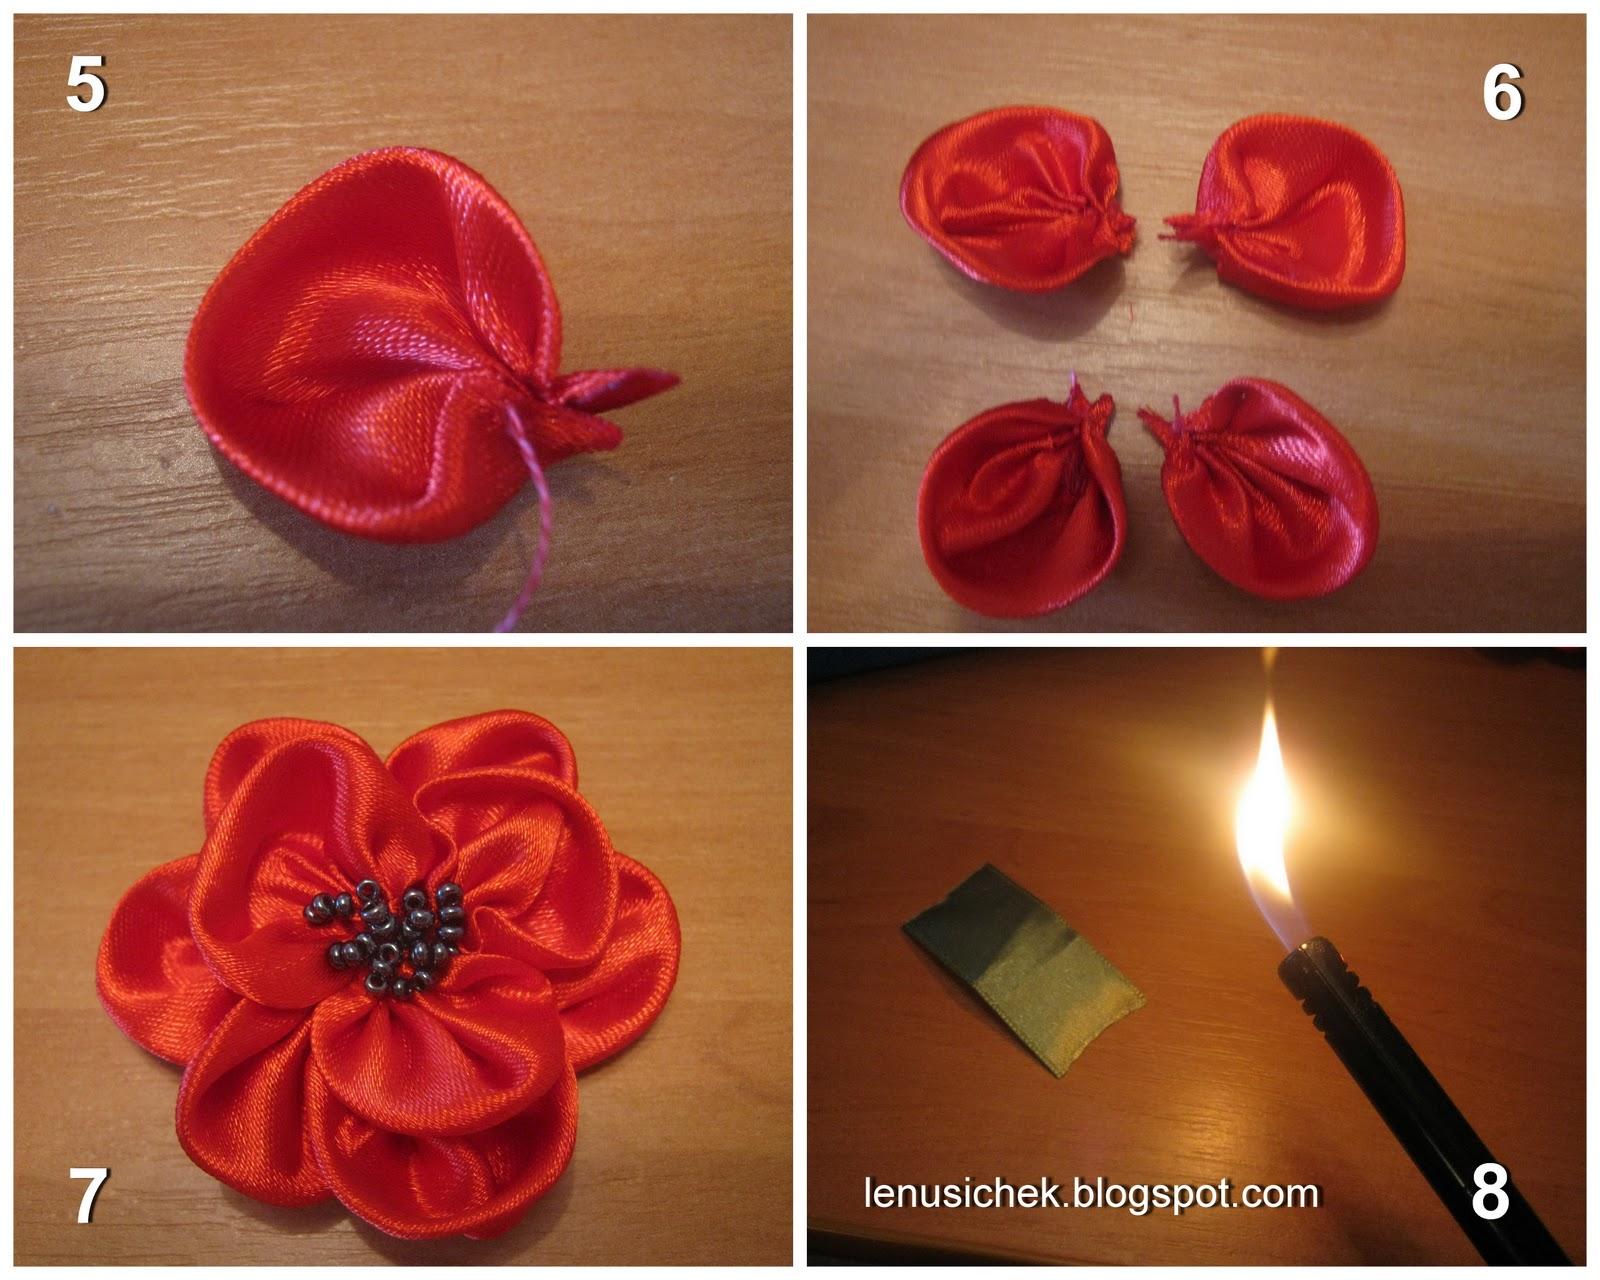 Как сделать цветы из лент своими руками: пошаговый мастер класс с видео